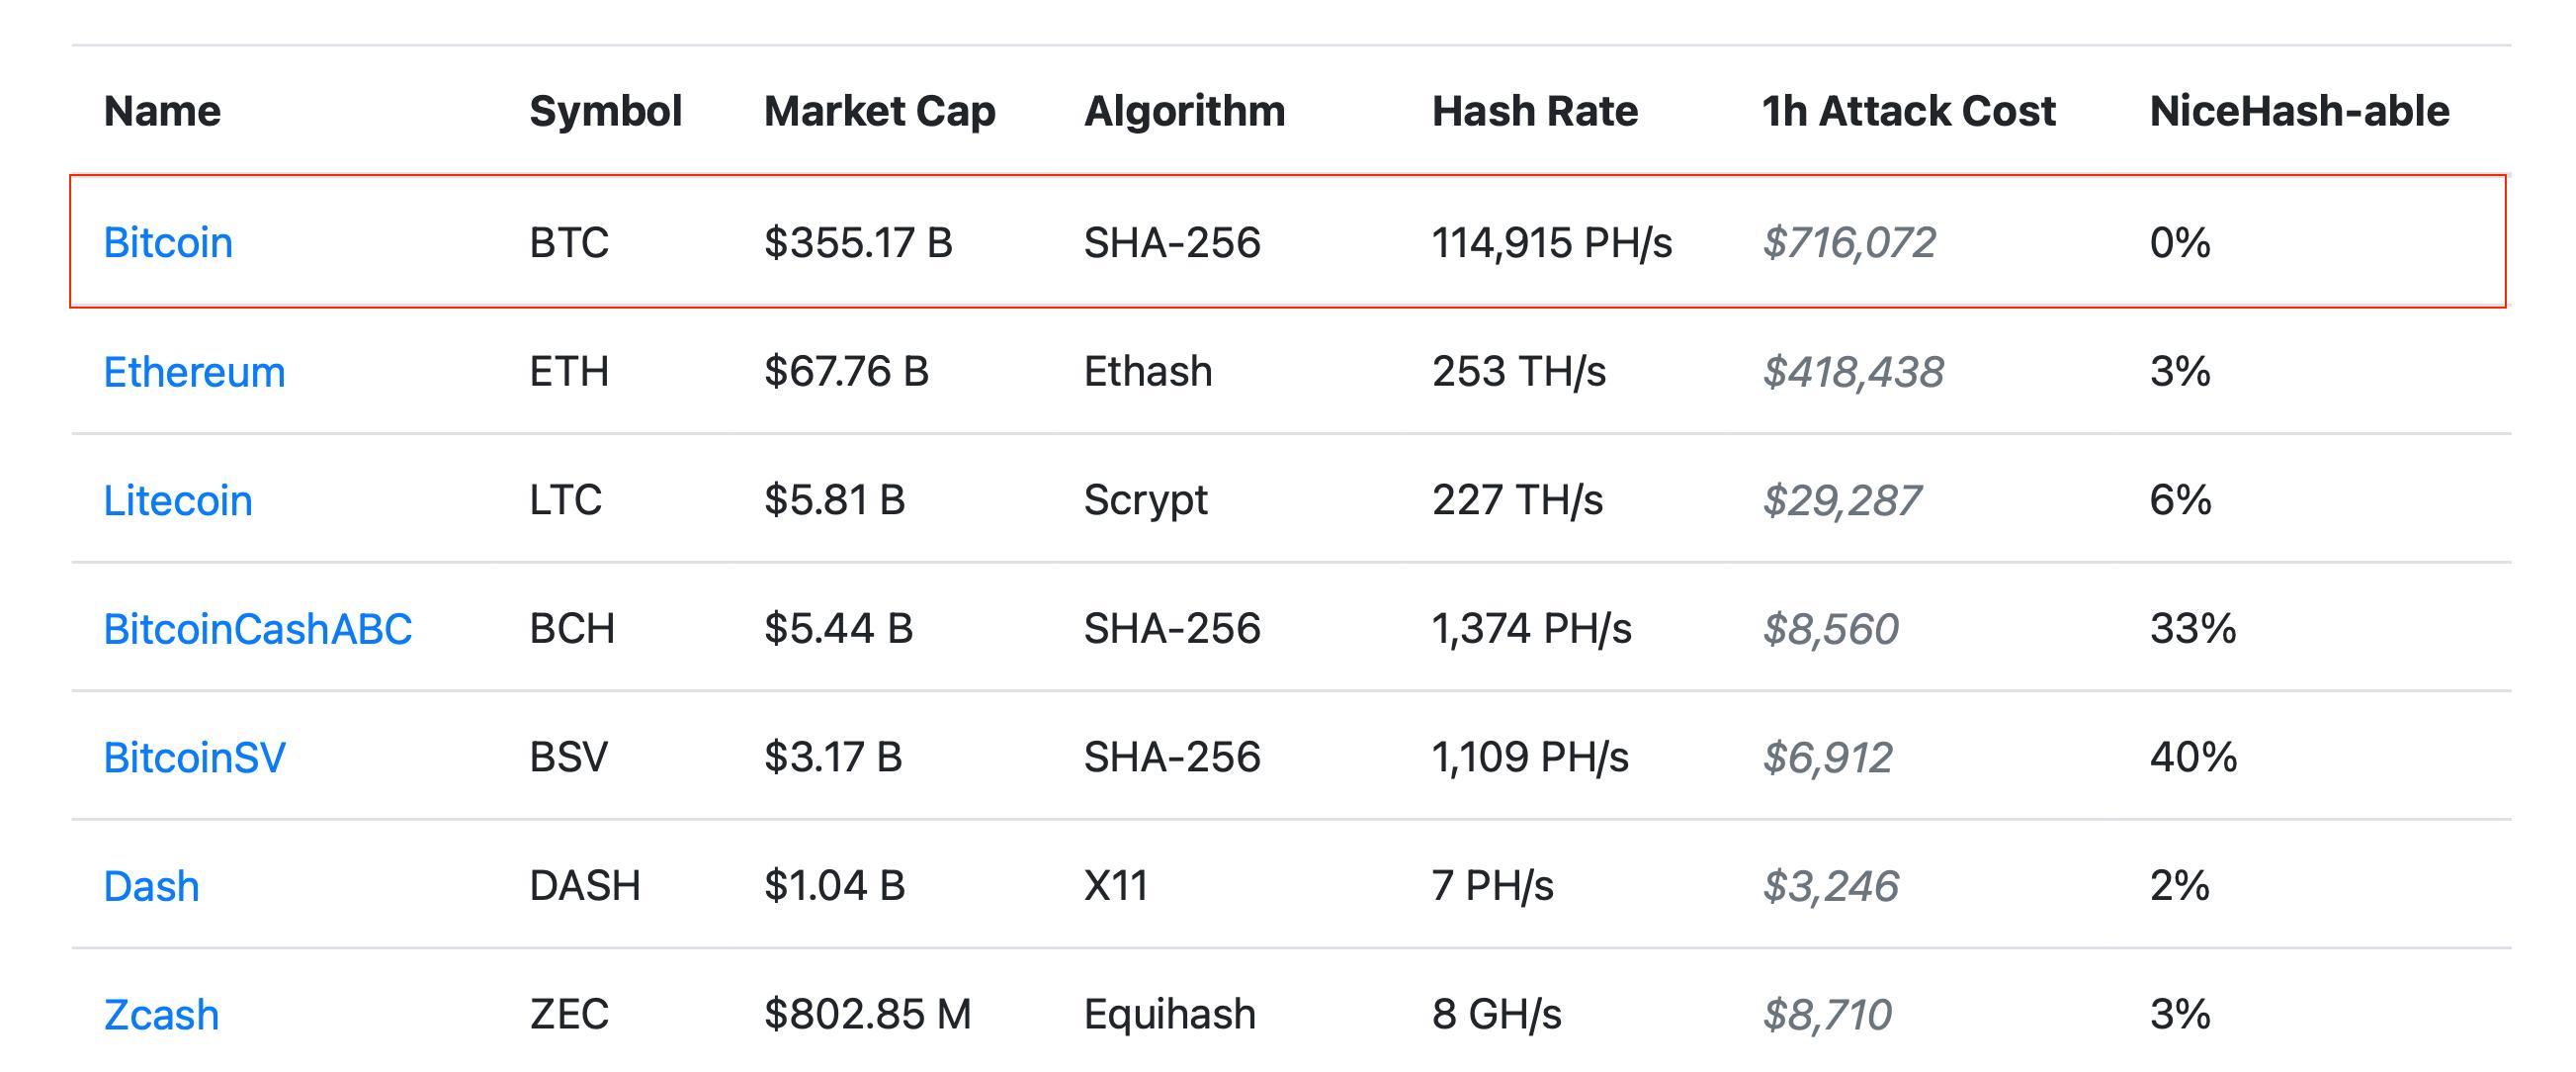 криптовалюты атака 51 цена